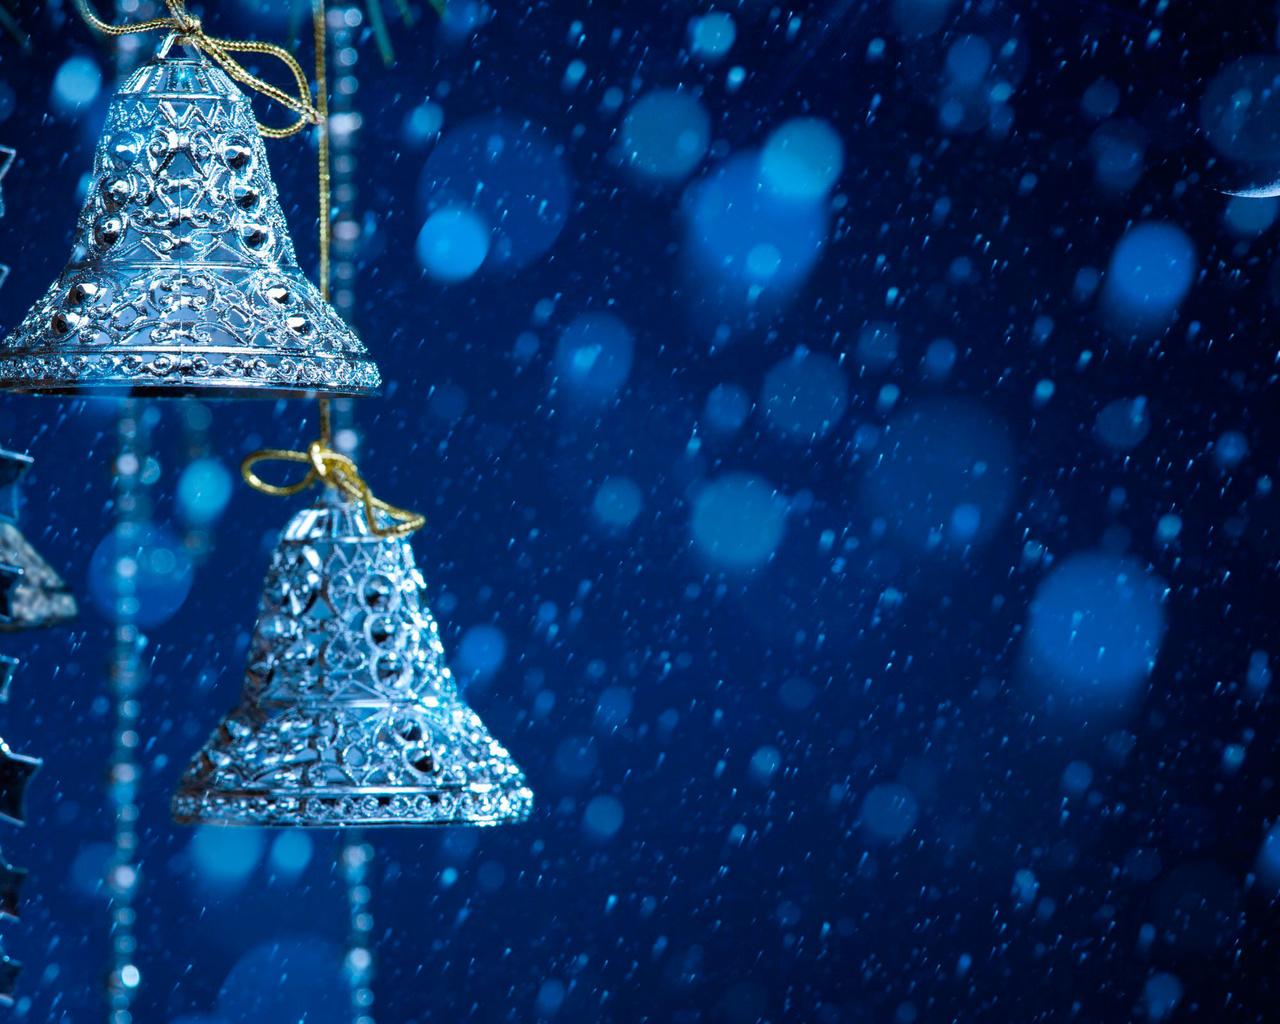 рождество, колокольчики, луна, игрушки, снег